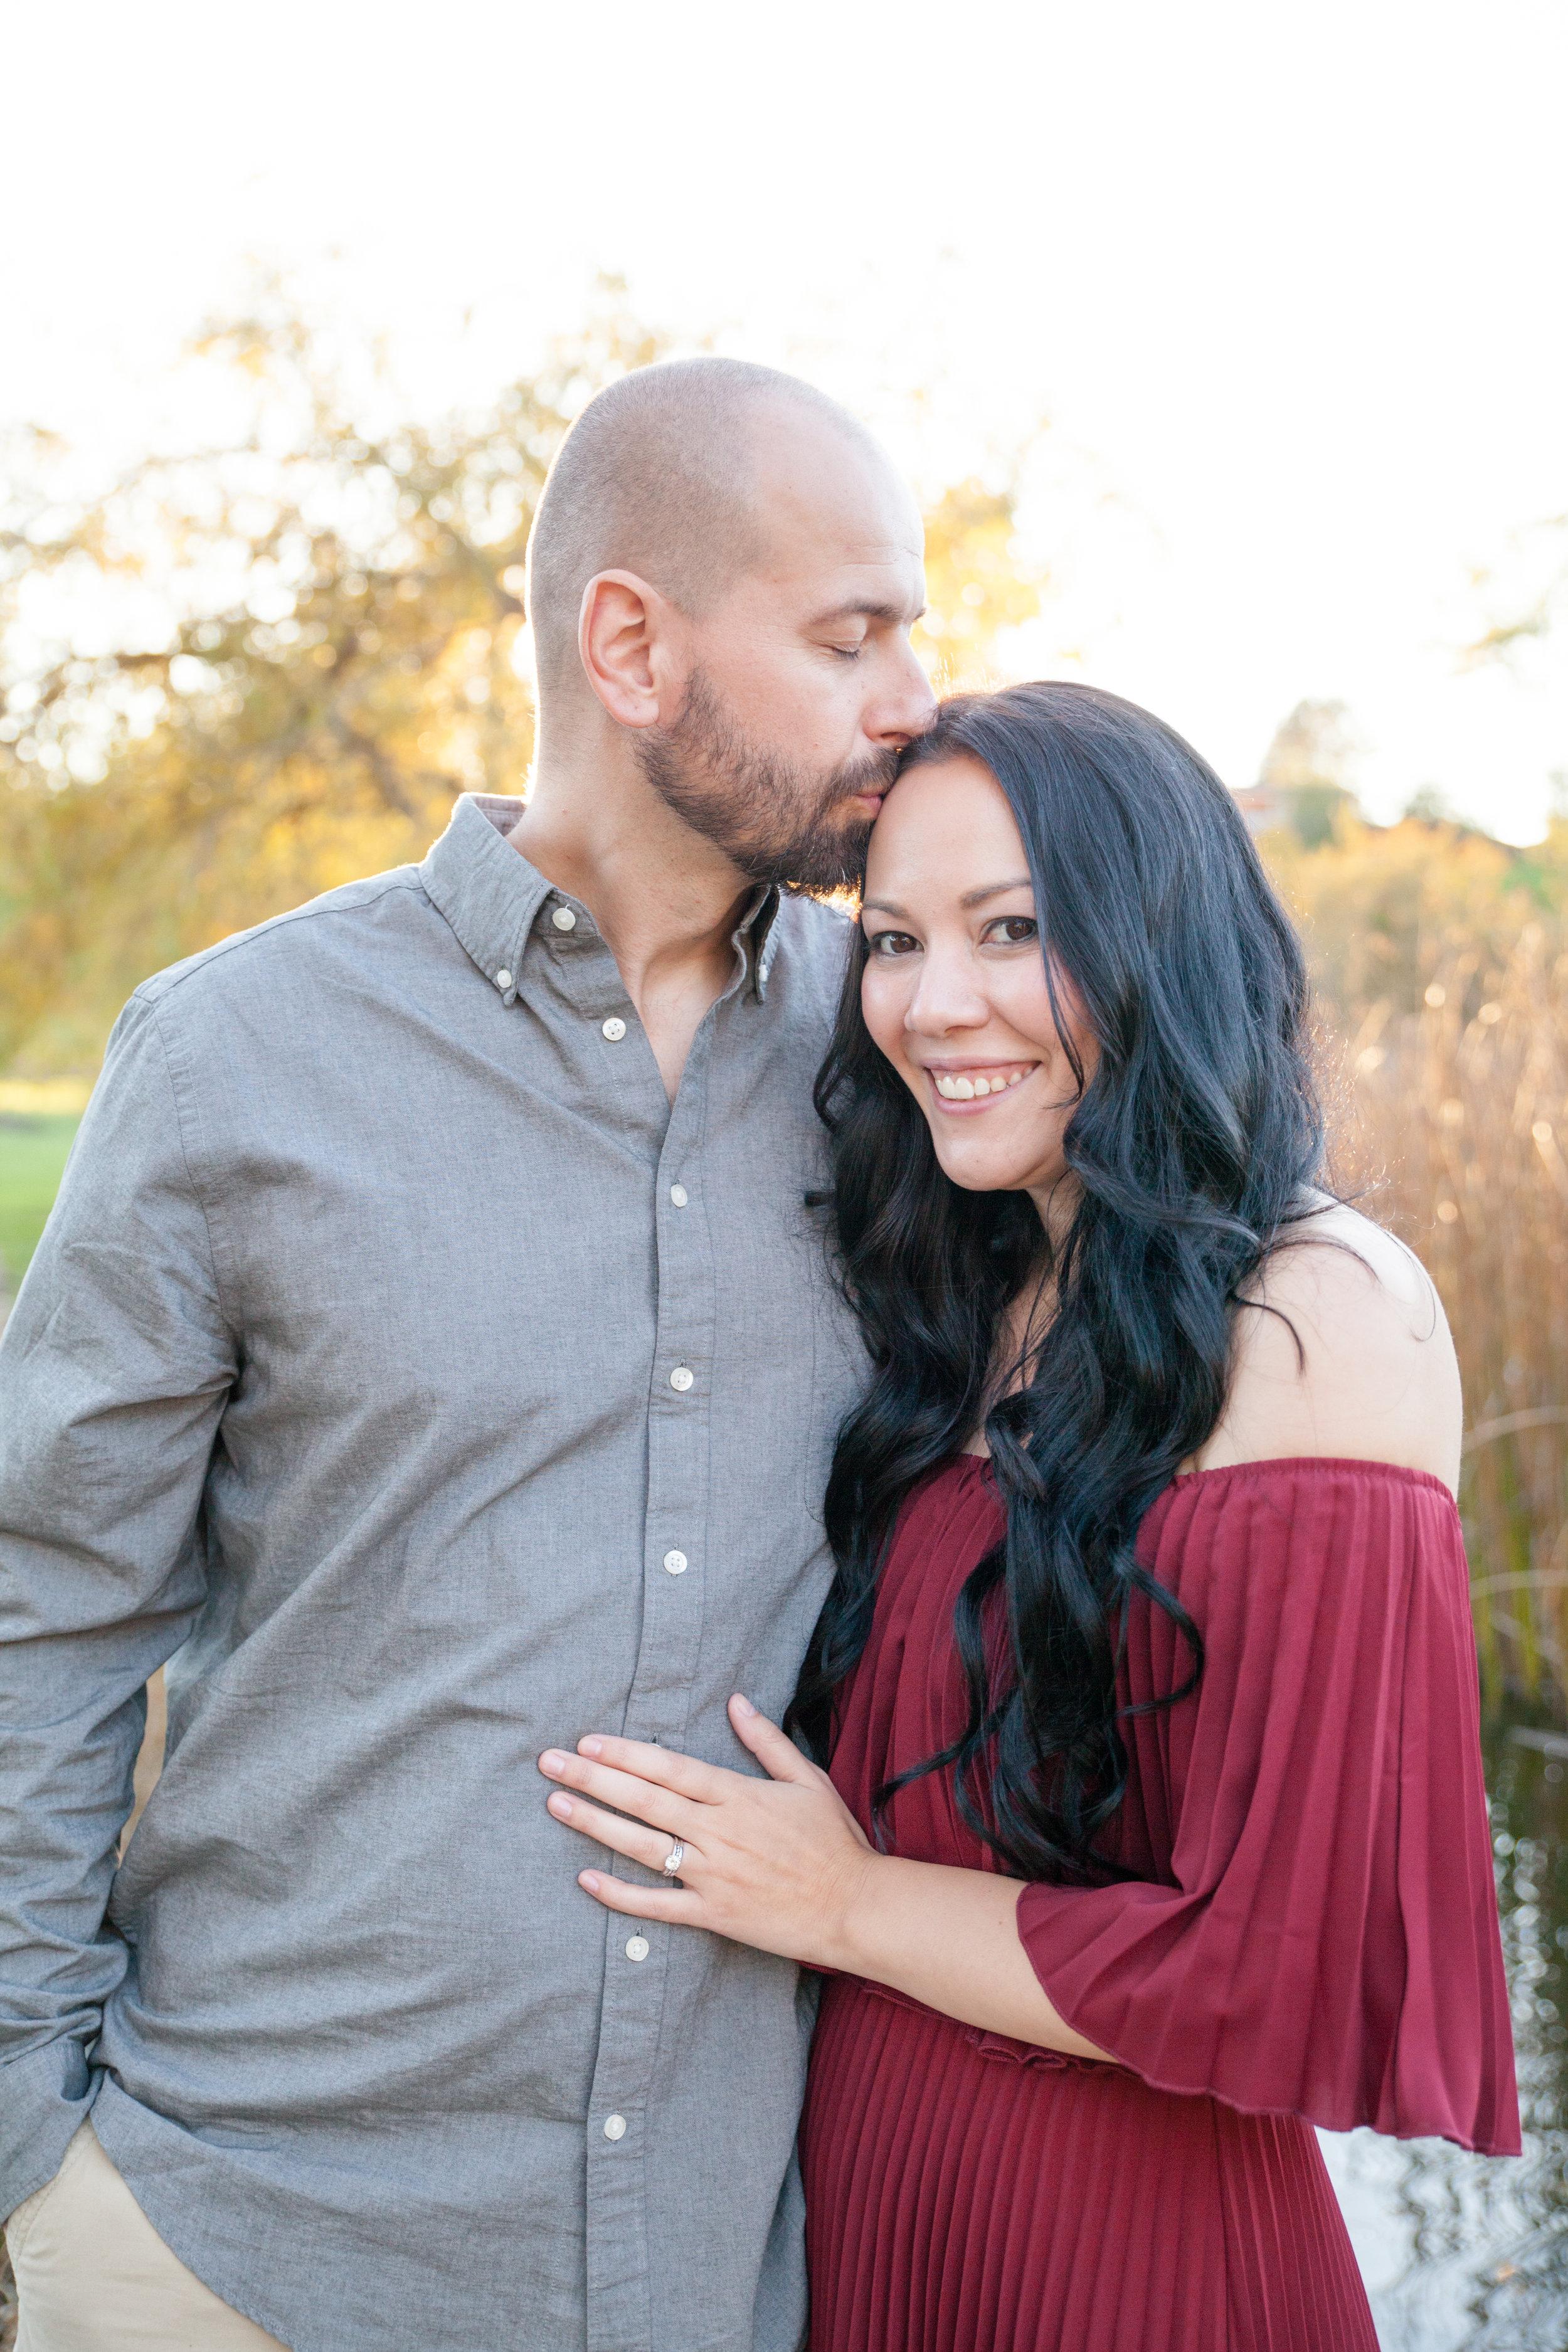 Diefenbaker Park Family Photos 2018-27.jpg